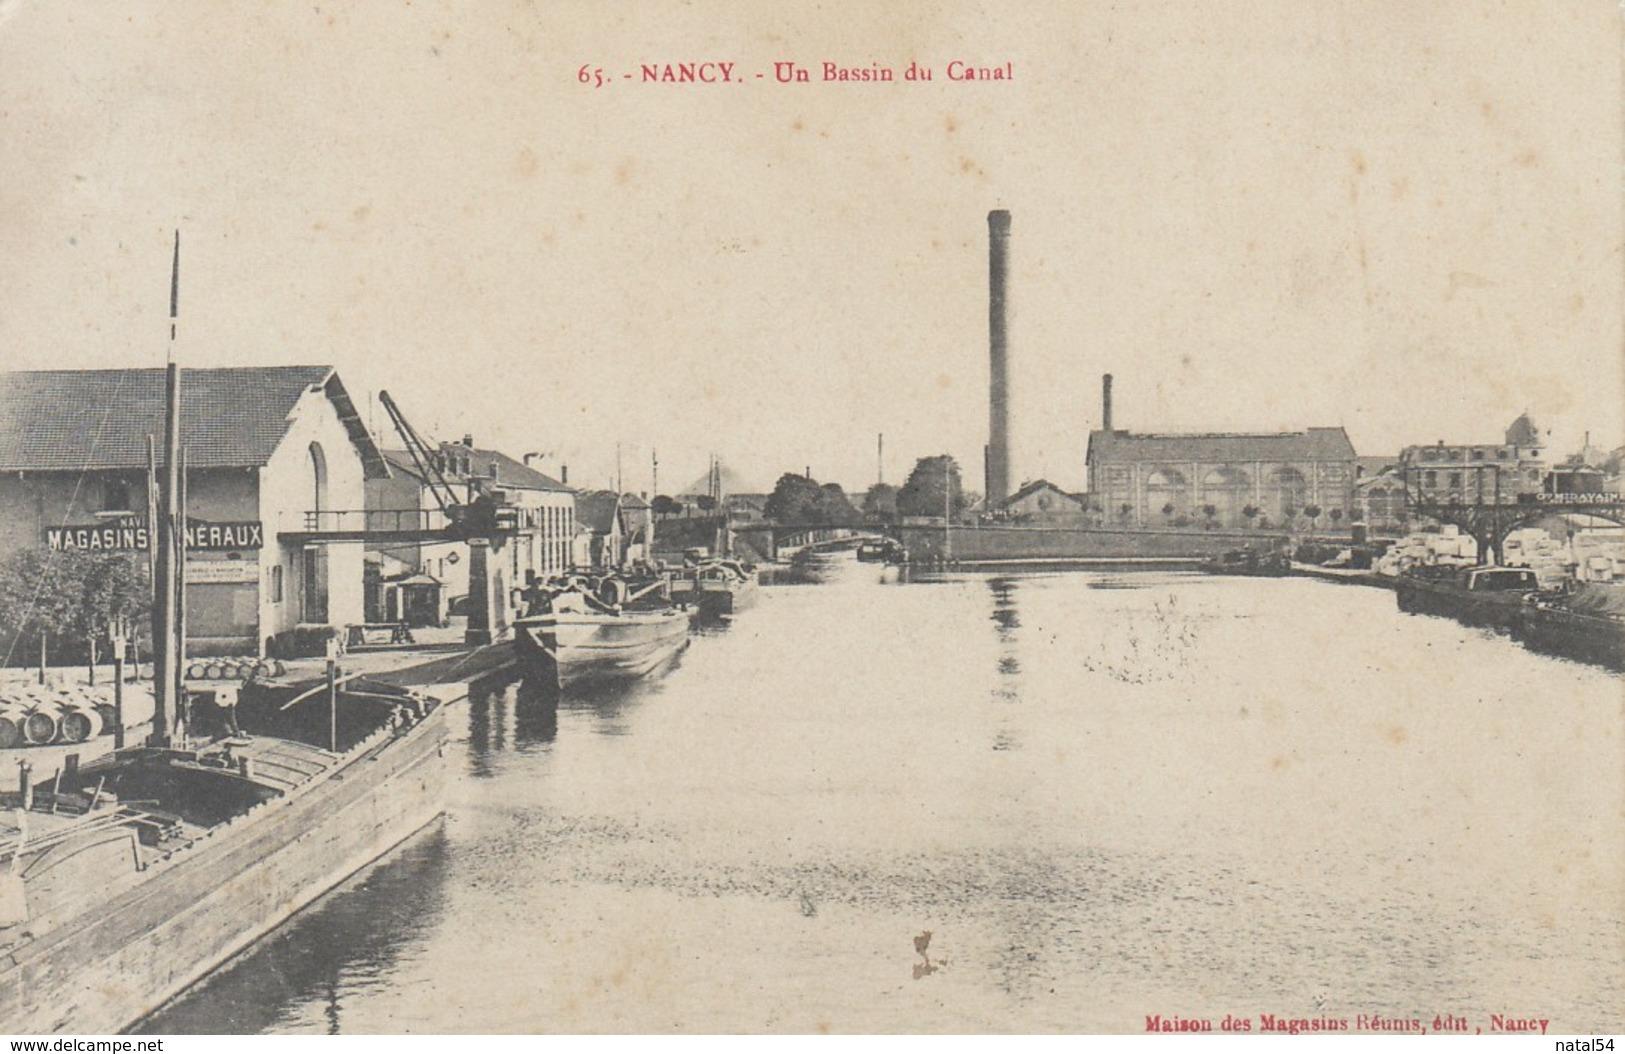 54 - Nancy : Un Bassin Du Canal - CPA écrite - Nancy